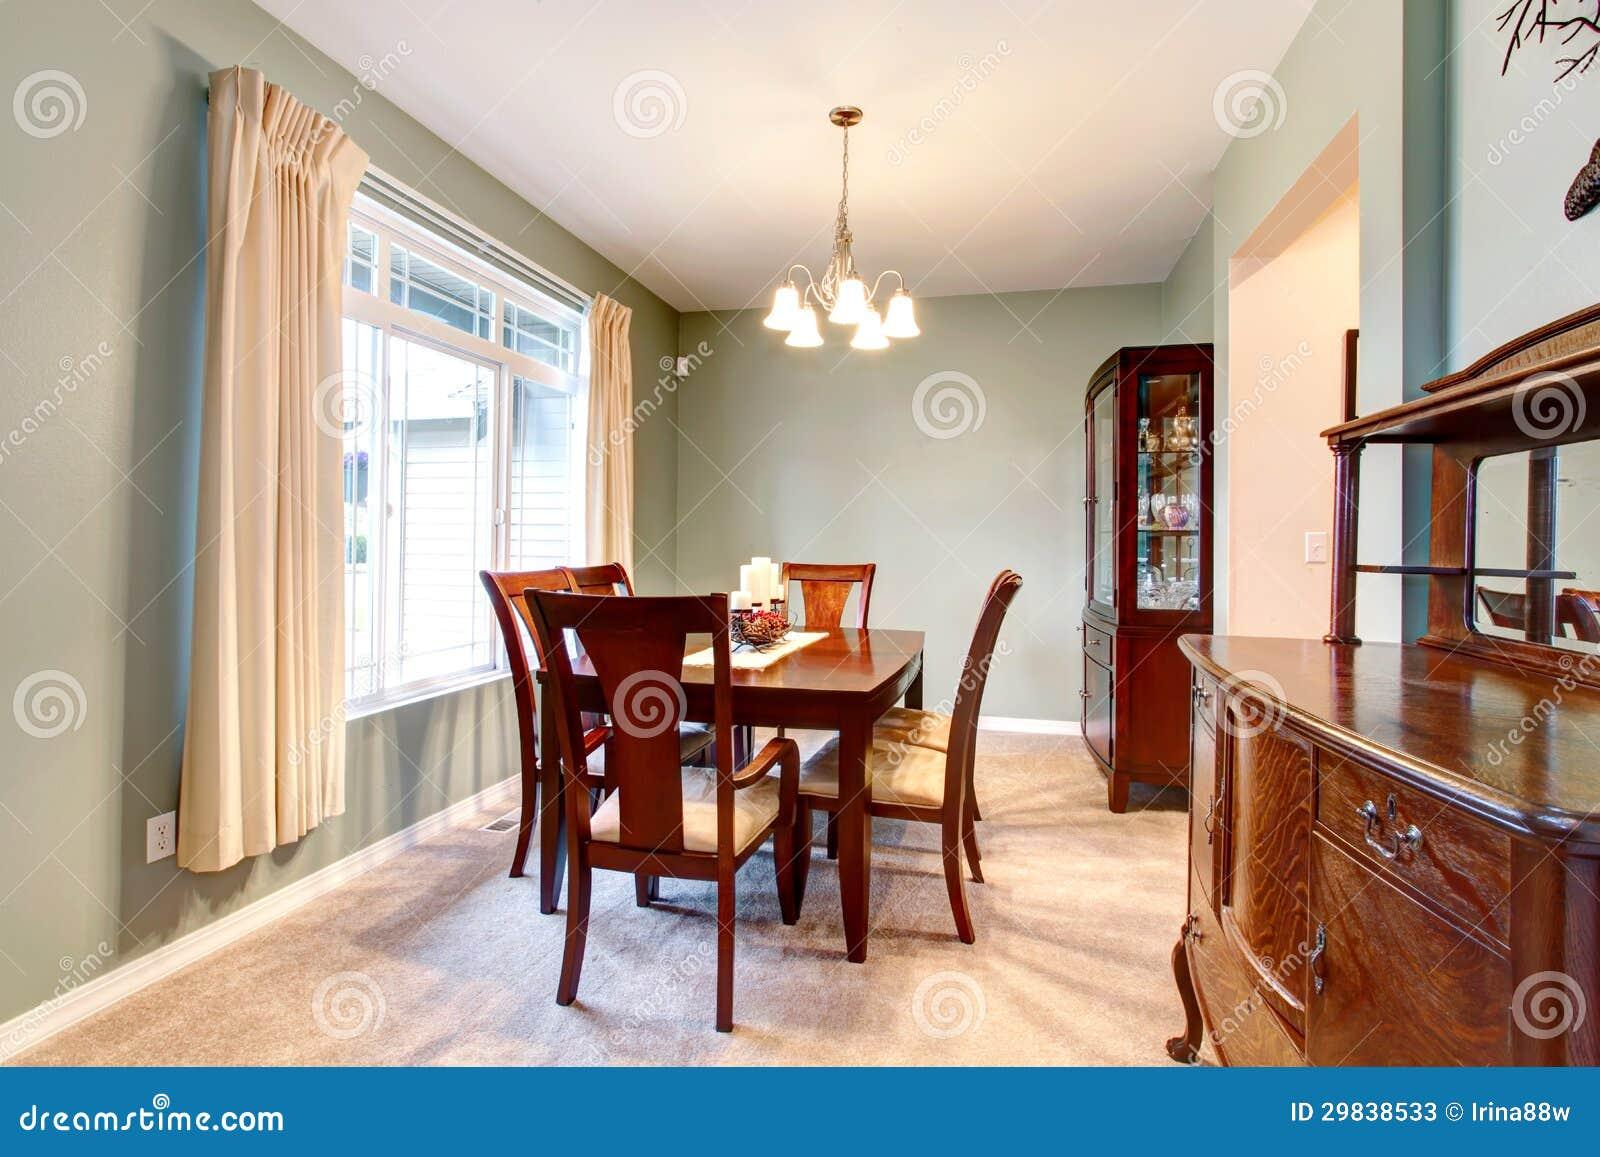 Tappeto Sala Da Pranzo : Interno verde della sala da pranzo con mobilia marrone